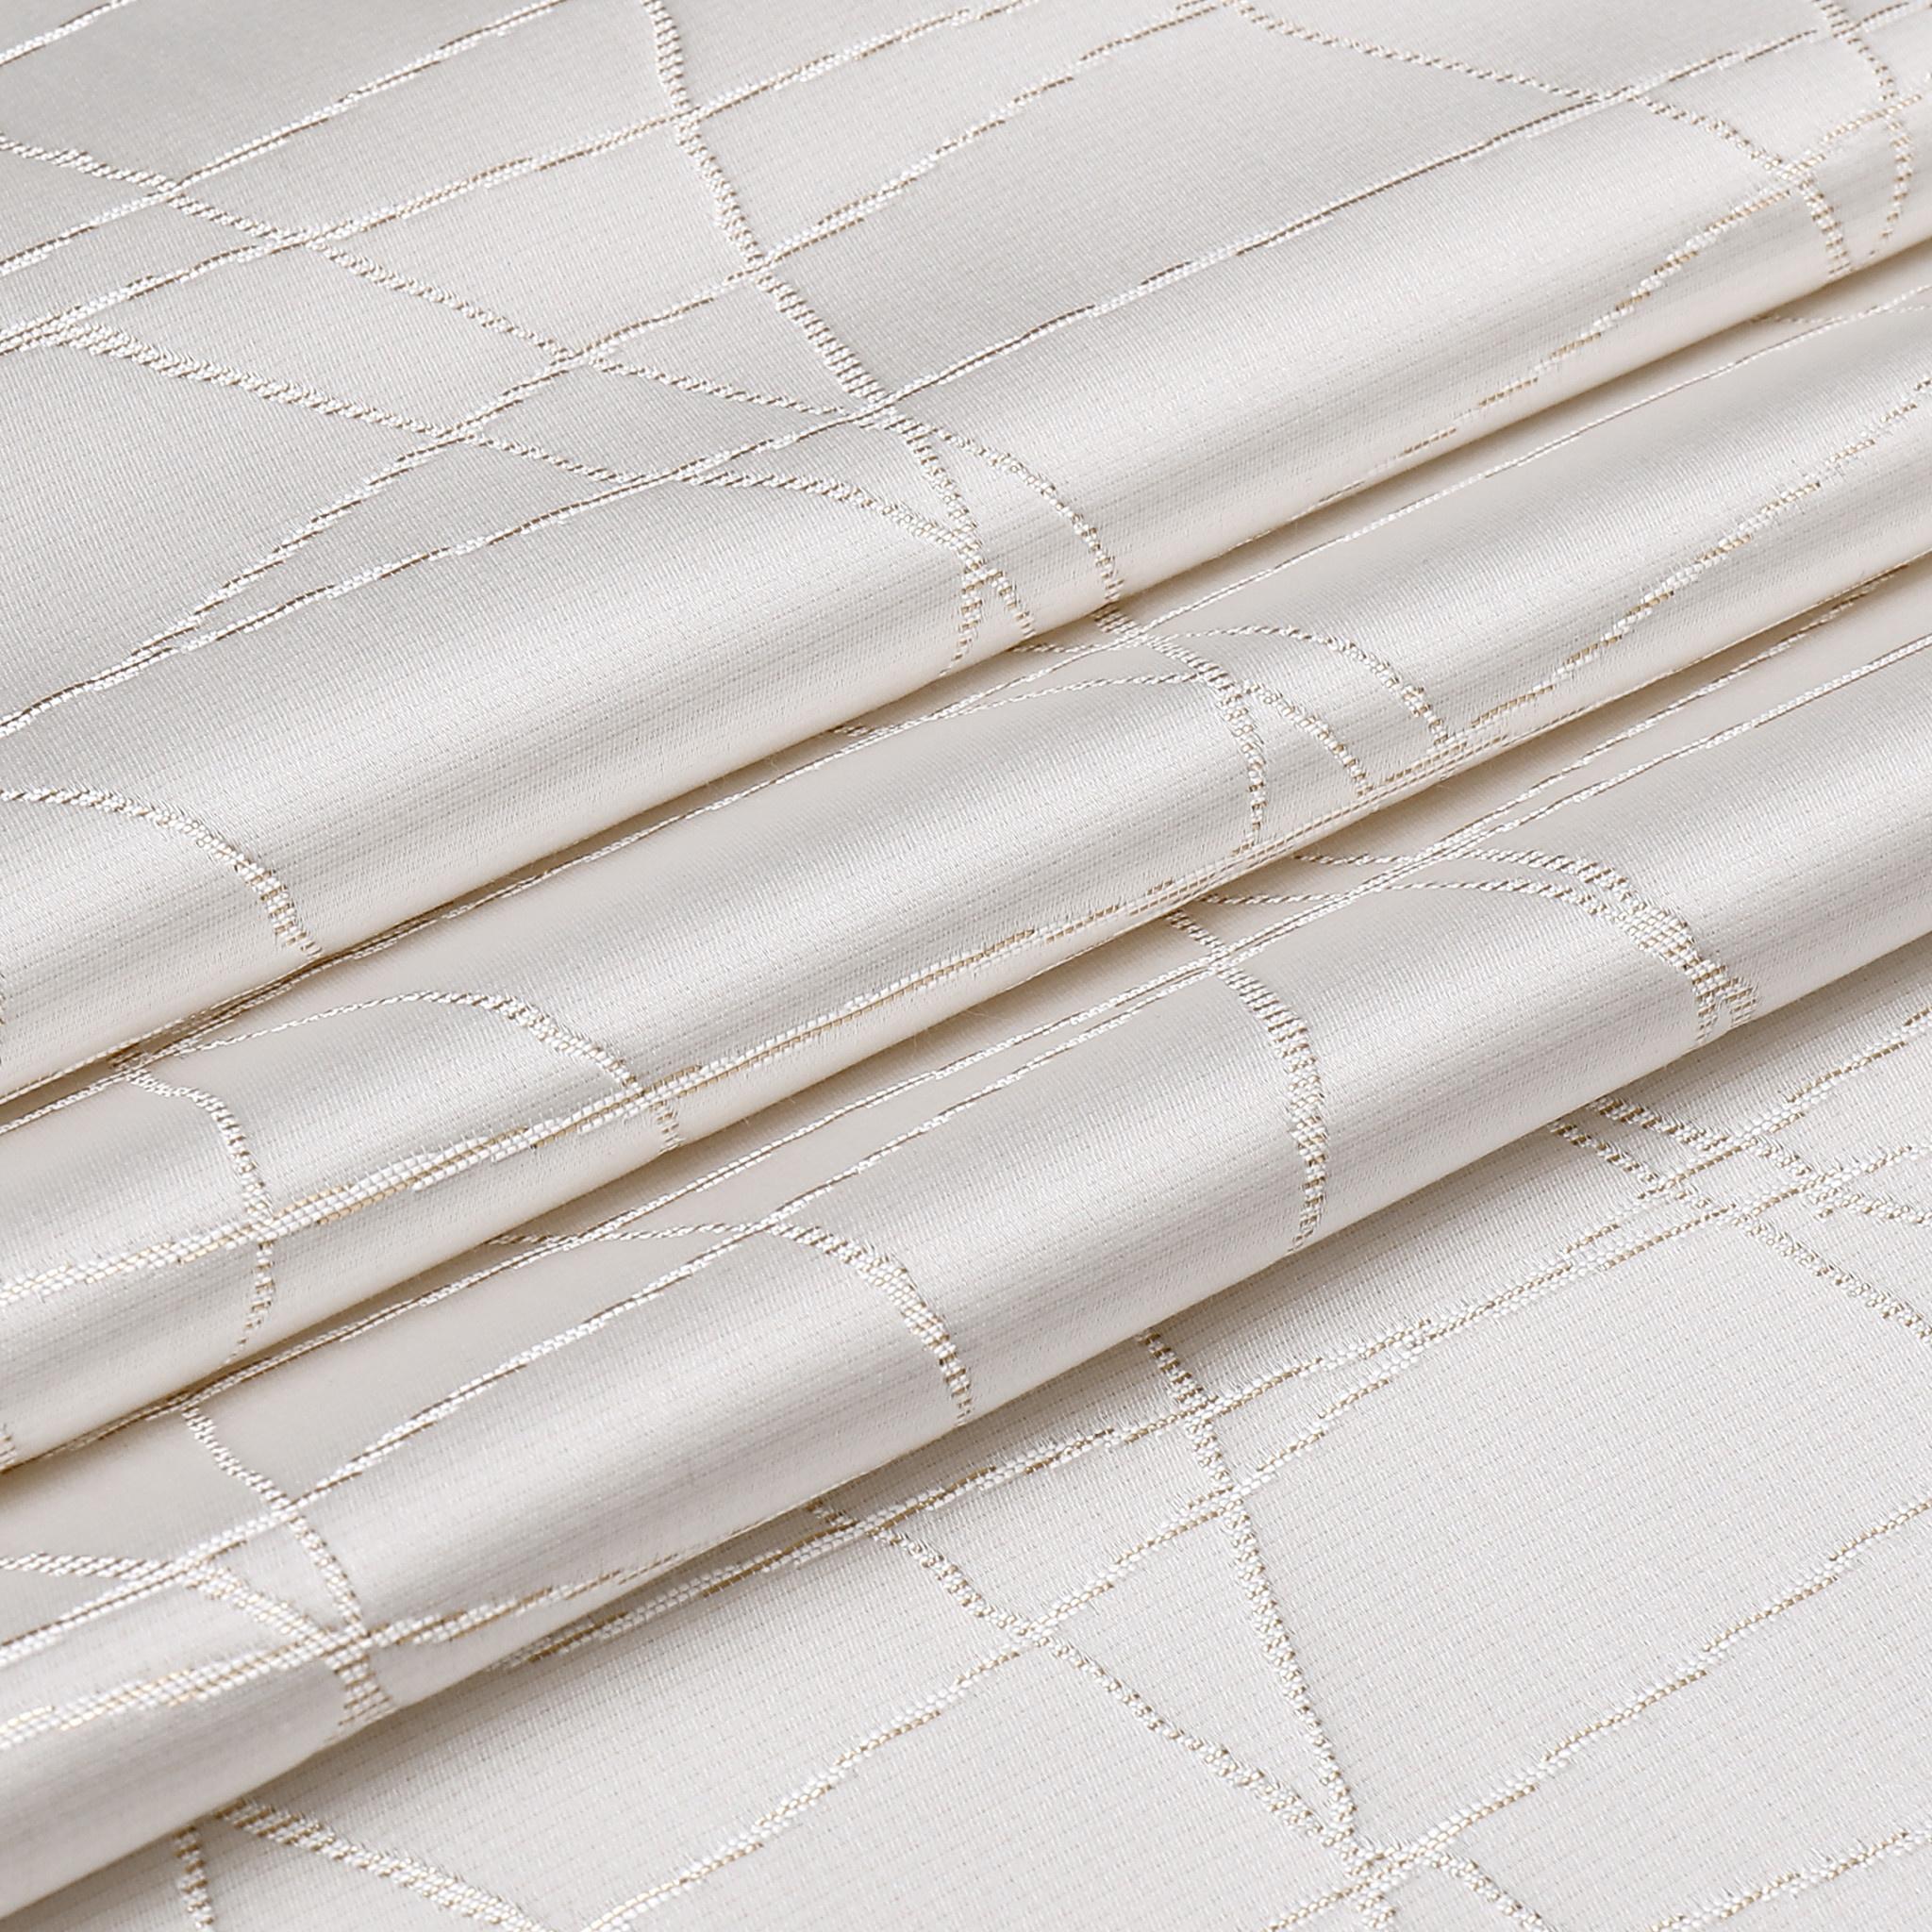 TC1334- 70 x 108 Jacquard White Gold Rays Tablecloth